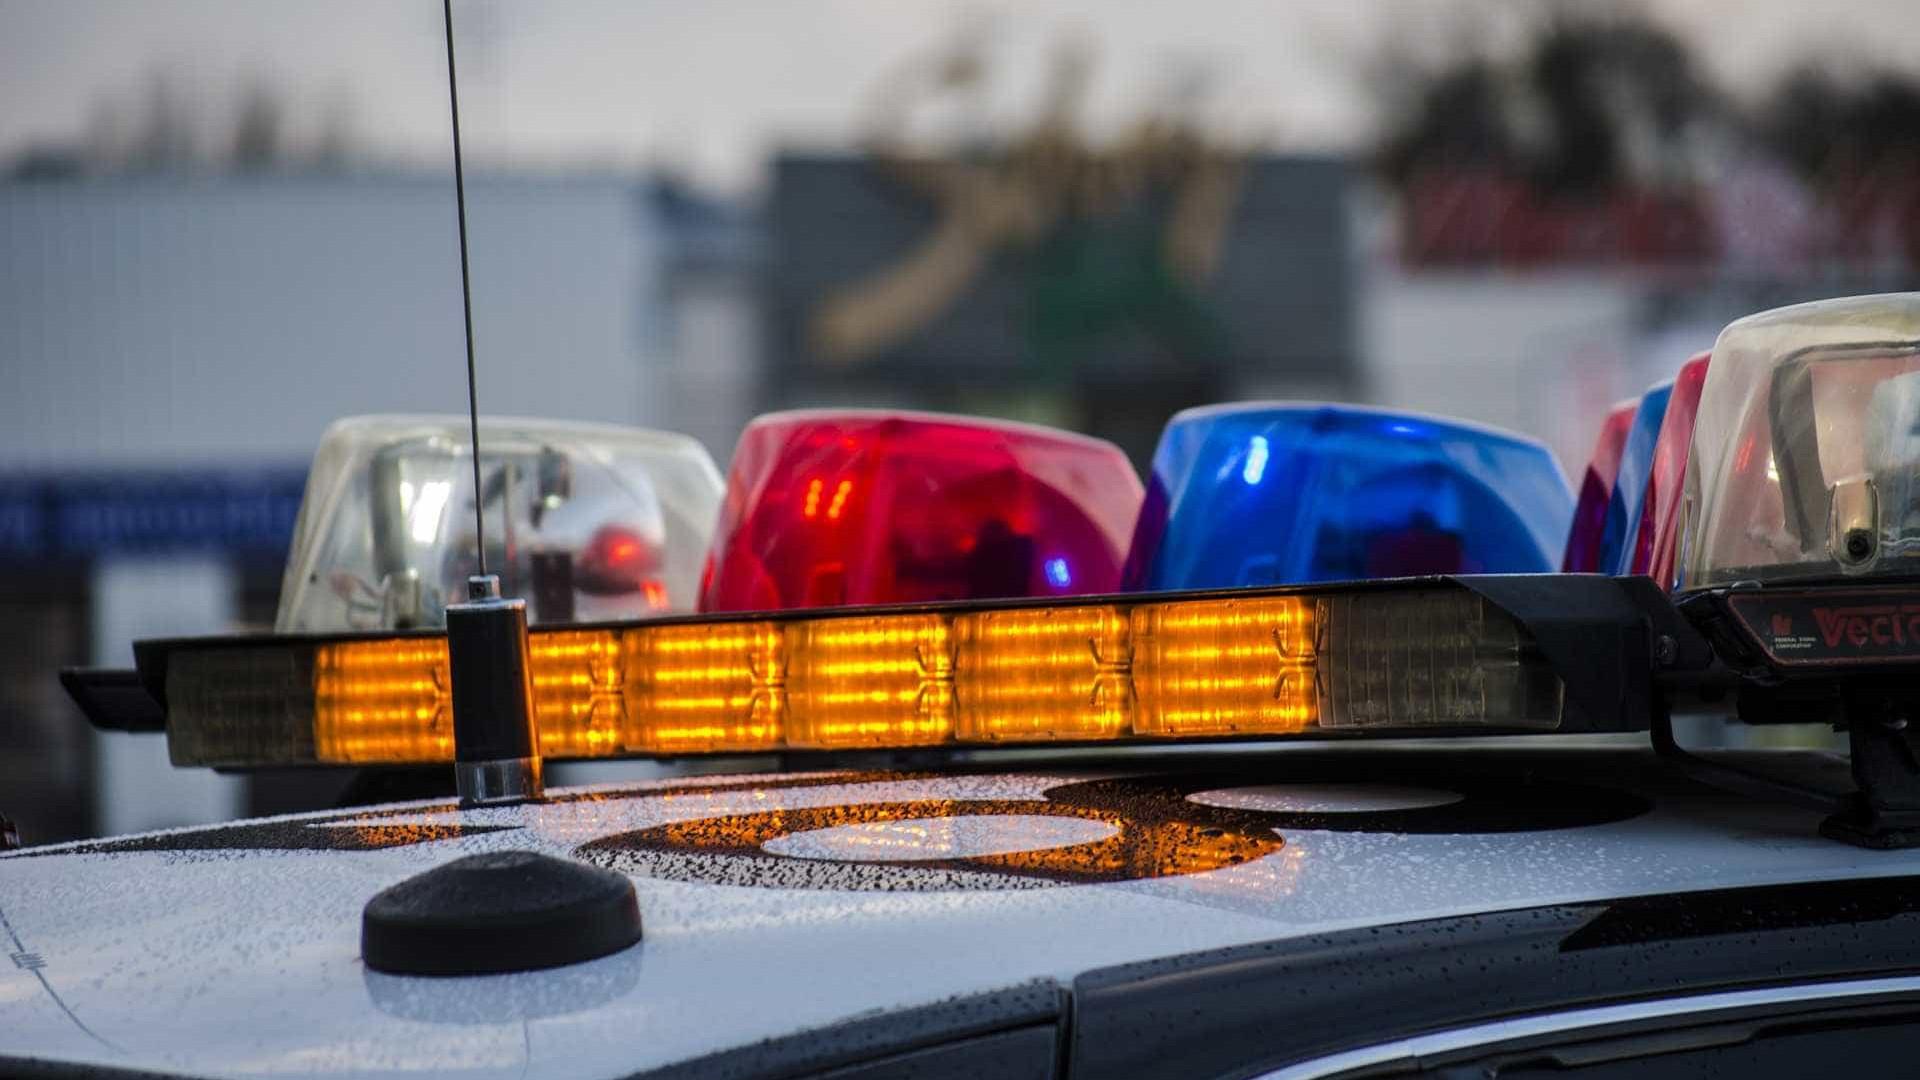 Policial é suspeito de assassinar garota de programa transexual em MT